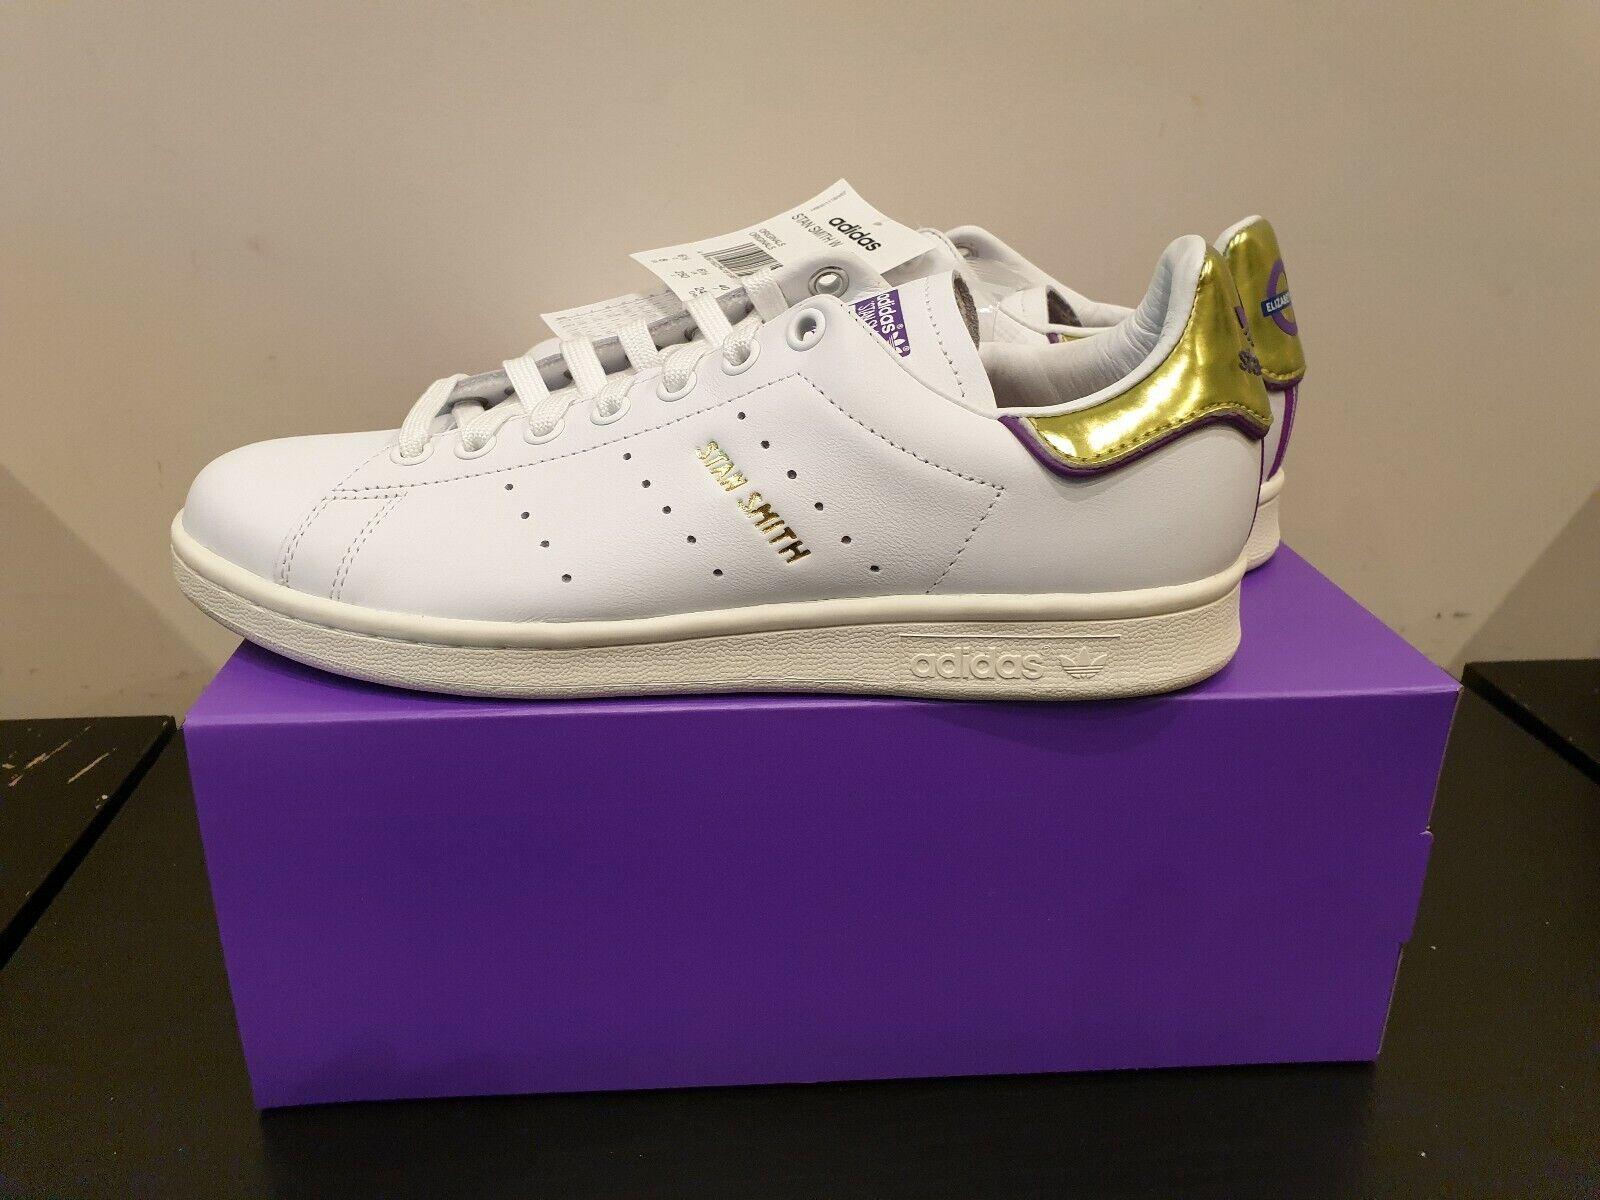 Originals X TFL Stan Smith shoes Elizabeth Line Limited Edition UK Size 6m5